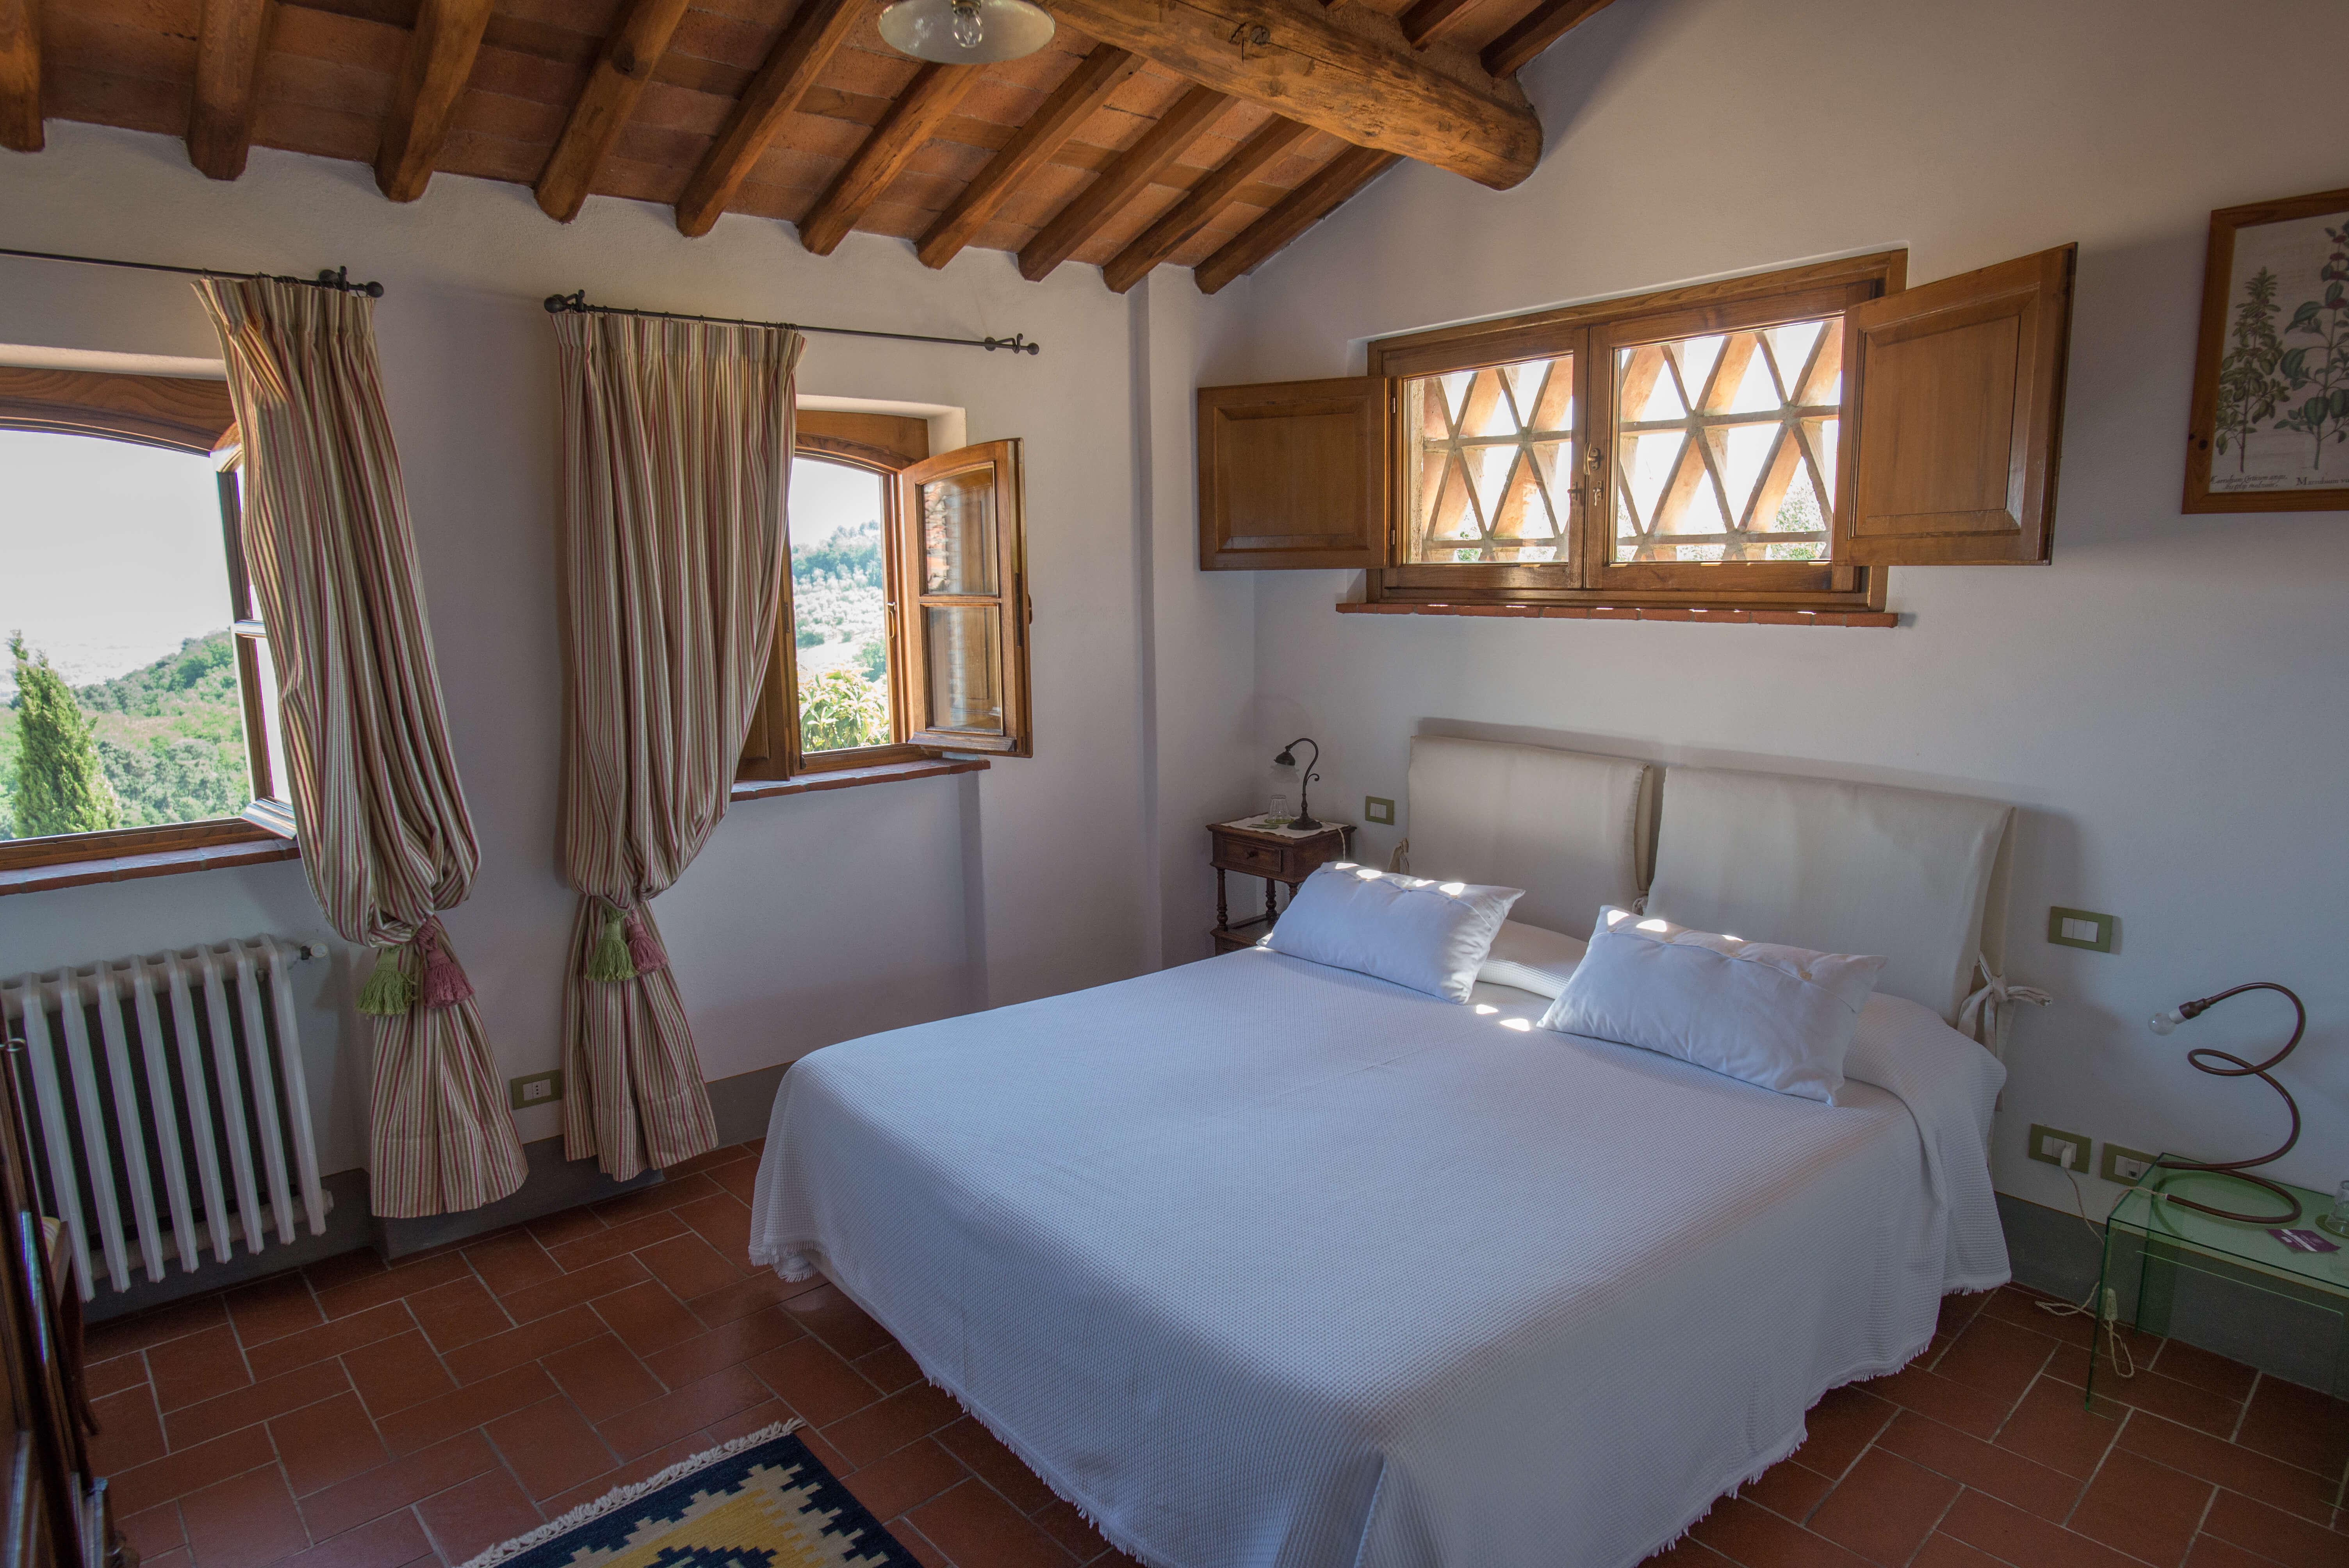 Il Borghino retreat centre - twin bed or double room in the house called Il Melograno - Verde